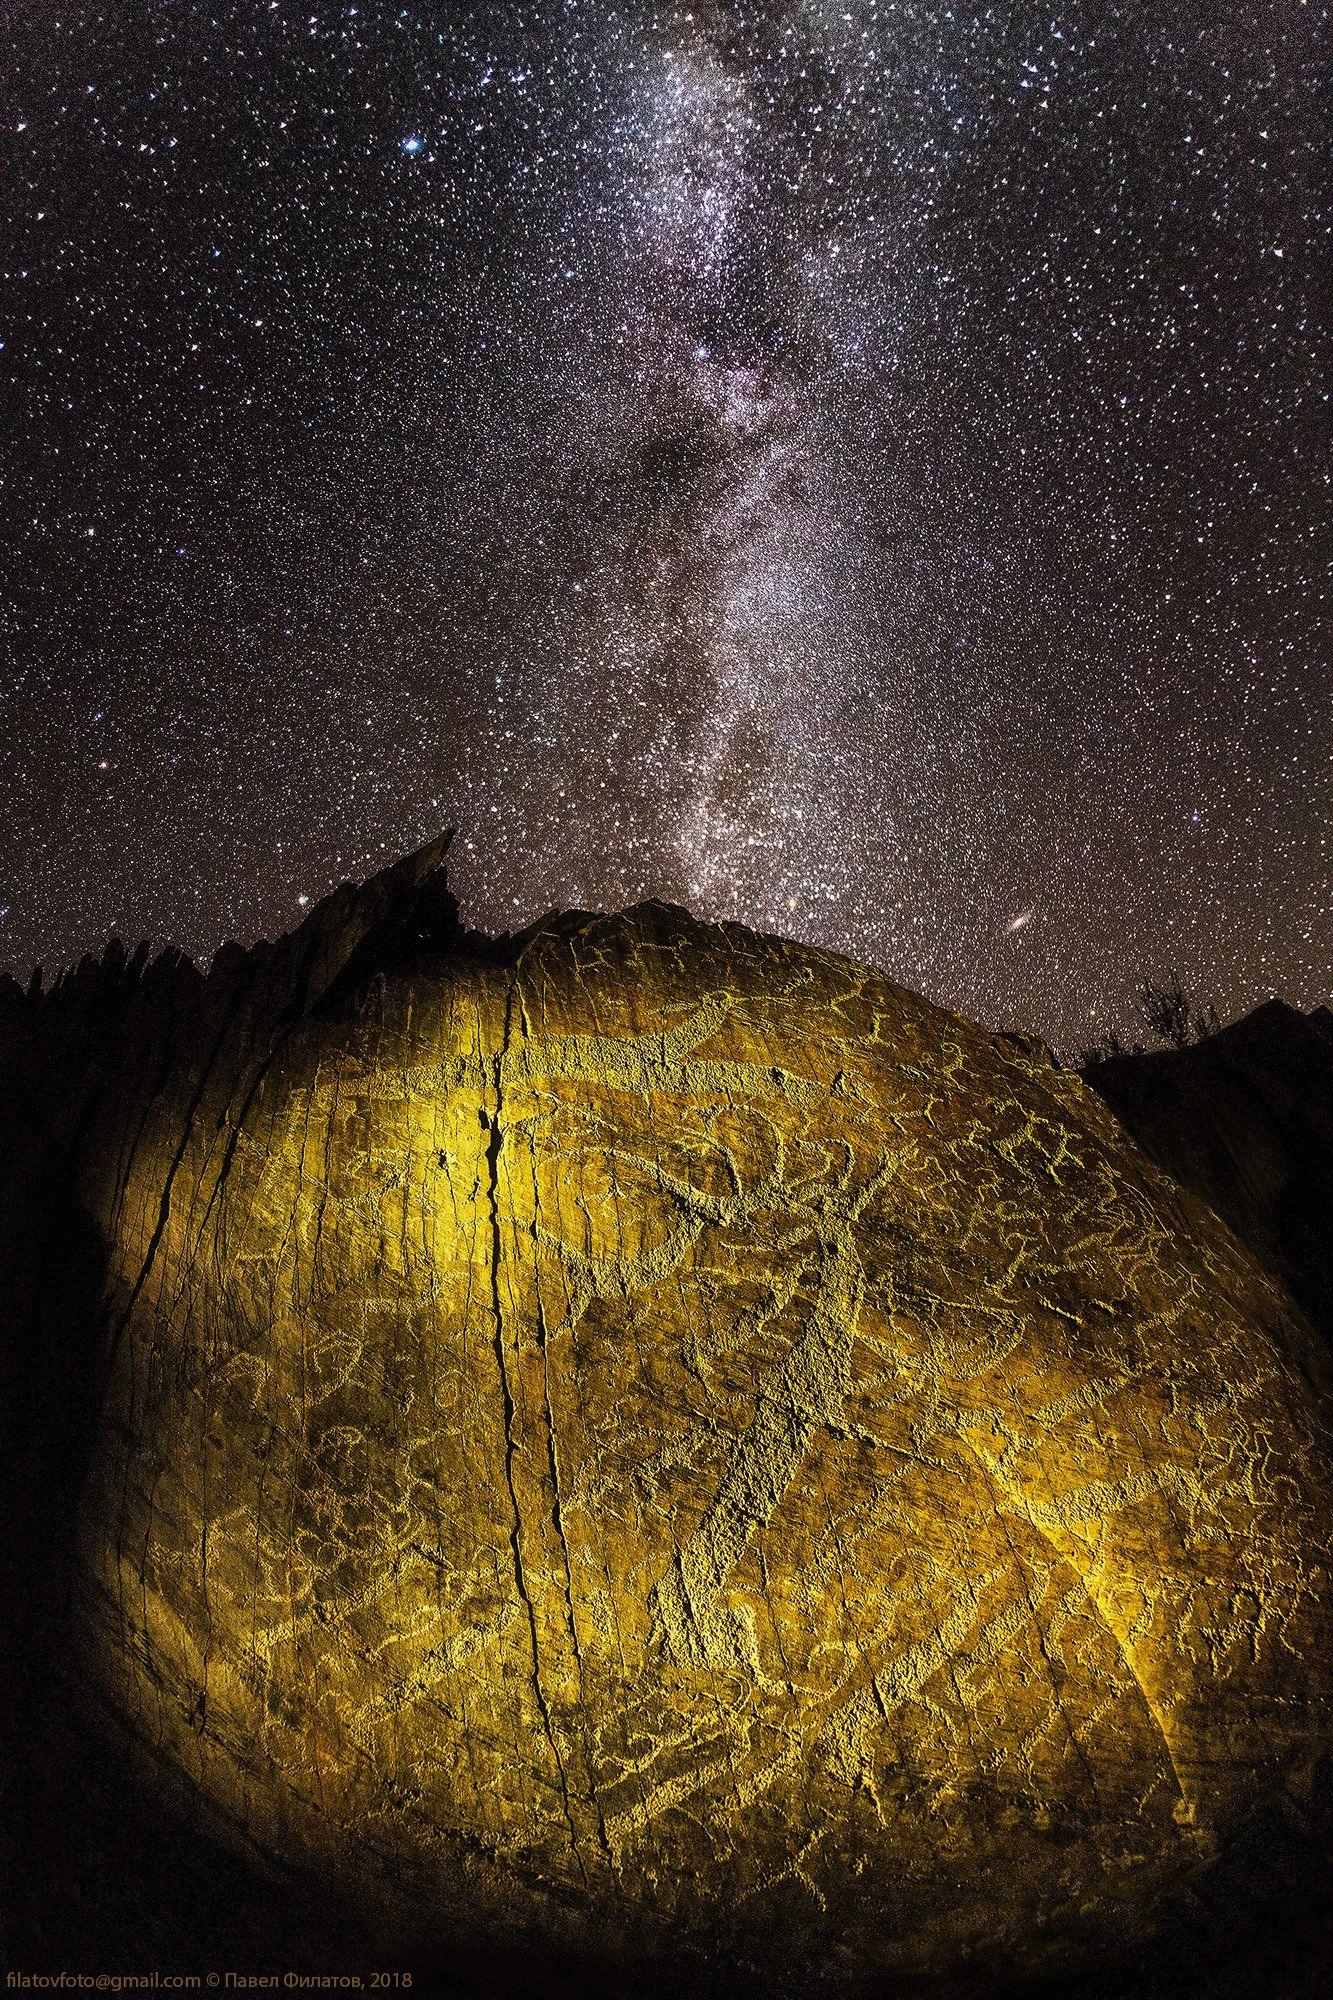 звезды, алтай, чуйская степь, млечный путь, петроглифы, сибирь, Павел Филатов